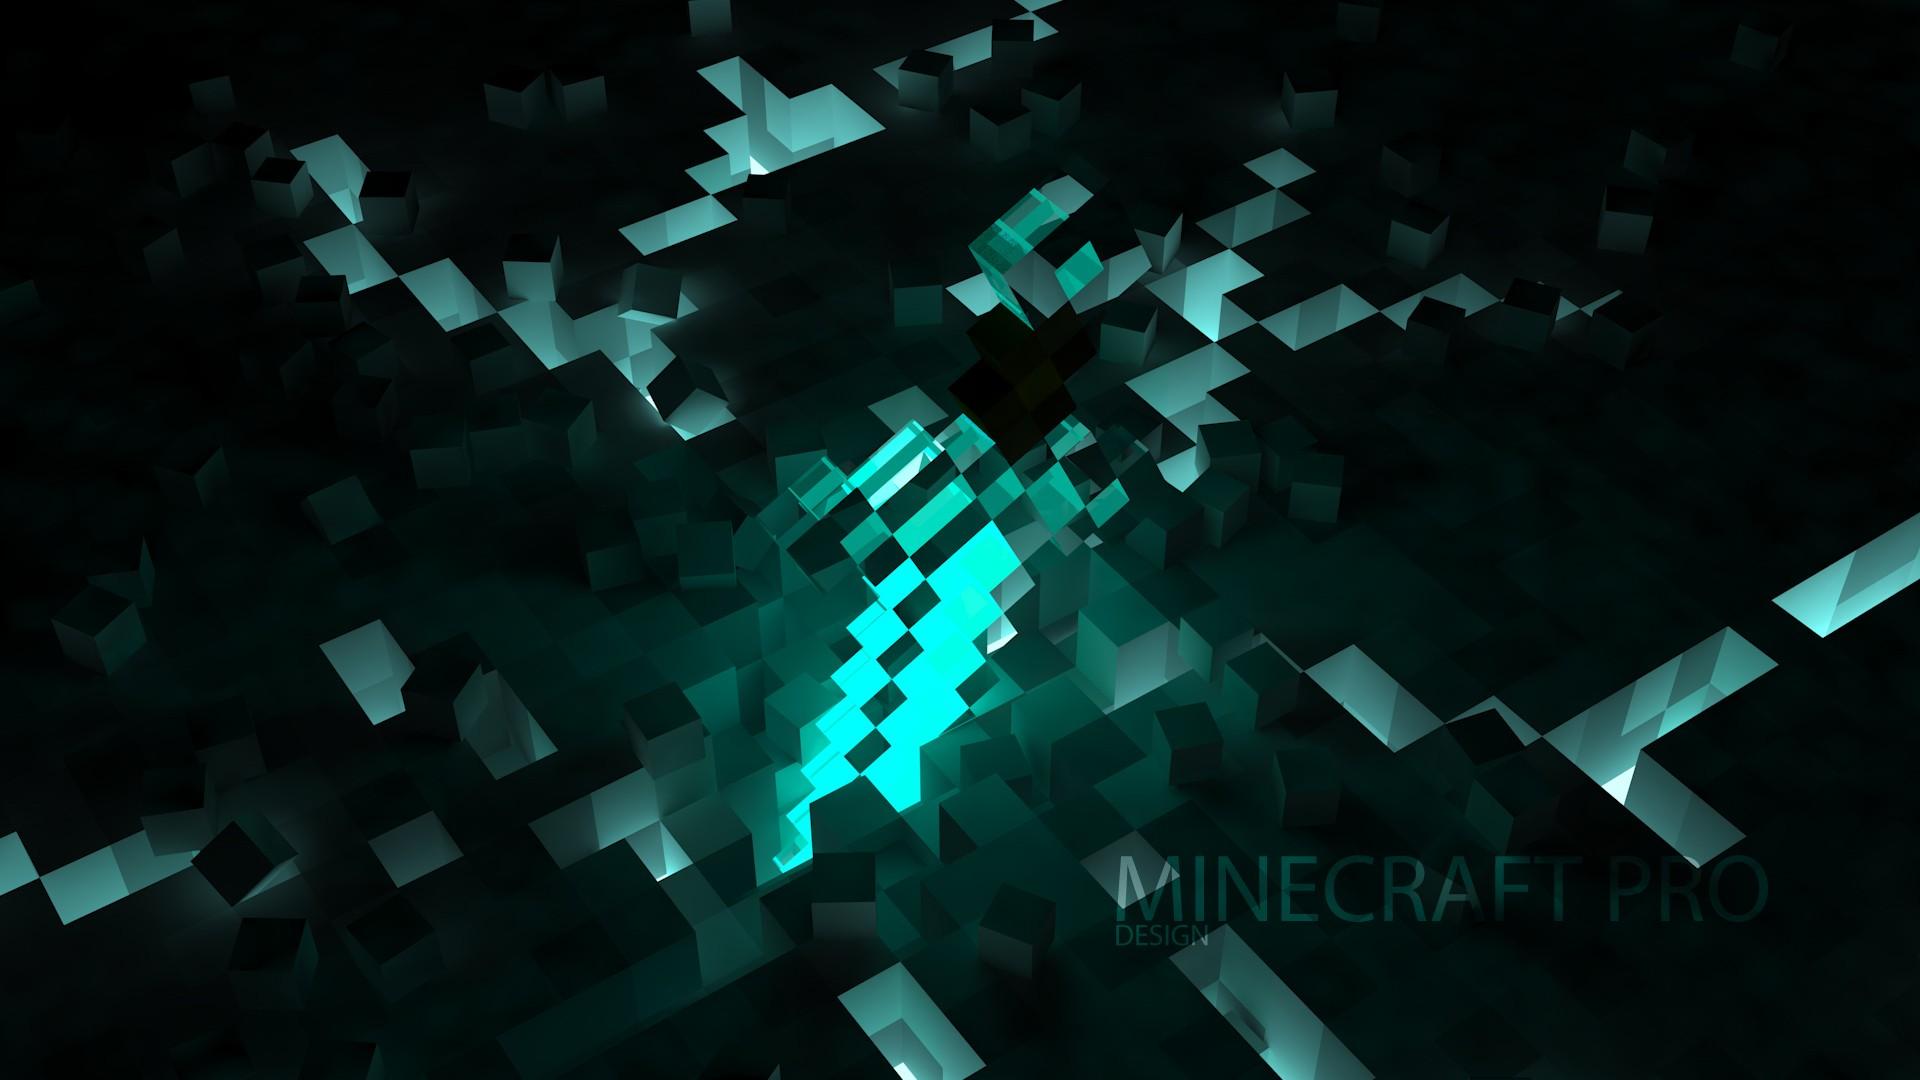 Wallpaper 1920x1080 Px Digital Art Minecraft 1920x1080 Goodfon